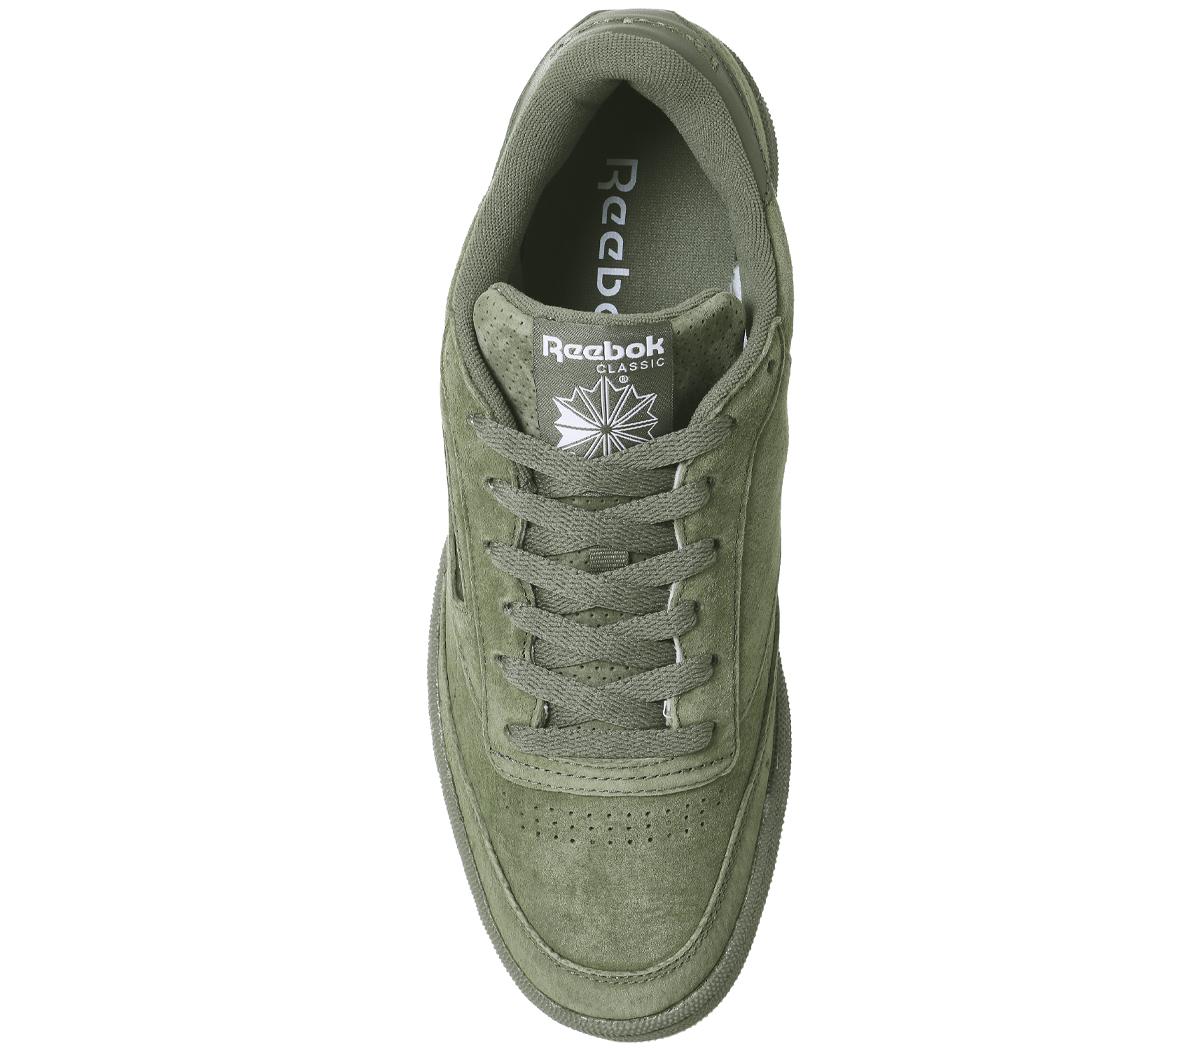 6b25b292bc4 Reebok Club C85 Trainers HUNTER GREEN GUM SG Trainers Shoes